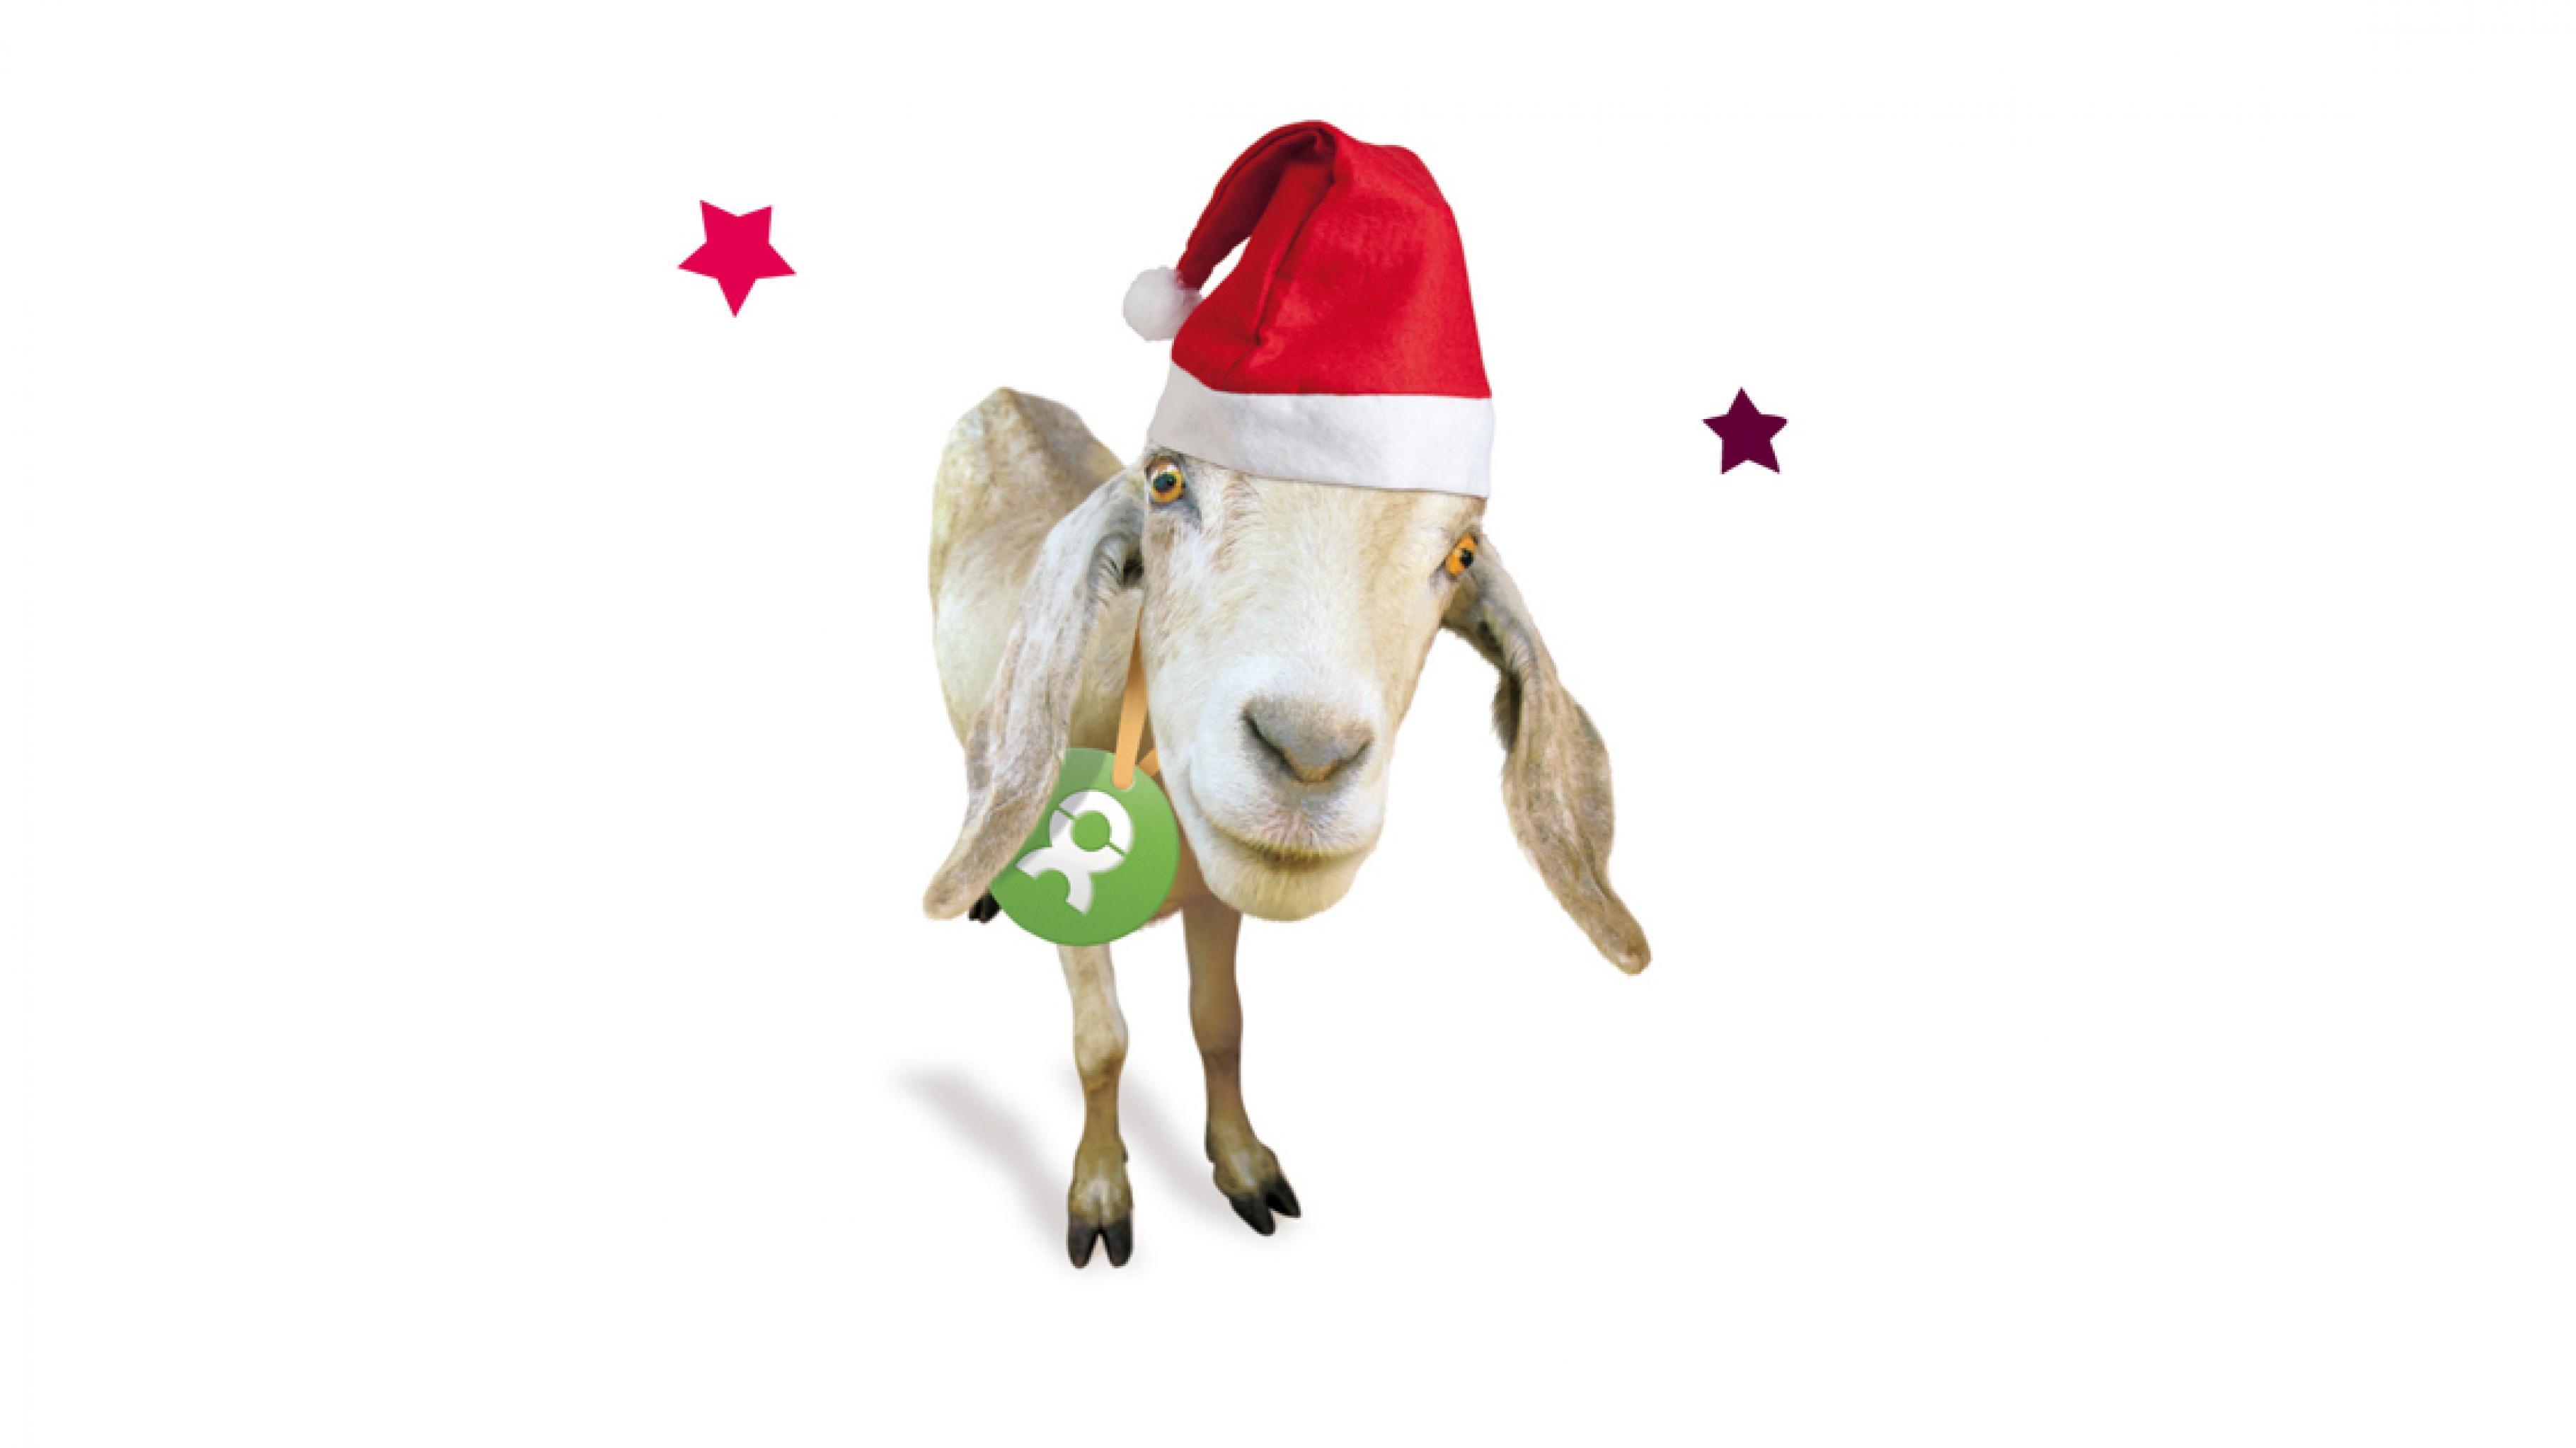 Oxfam Unverpackt Weihnachten Ziege